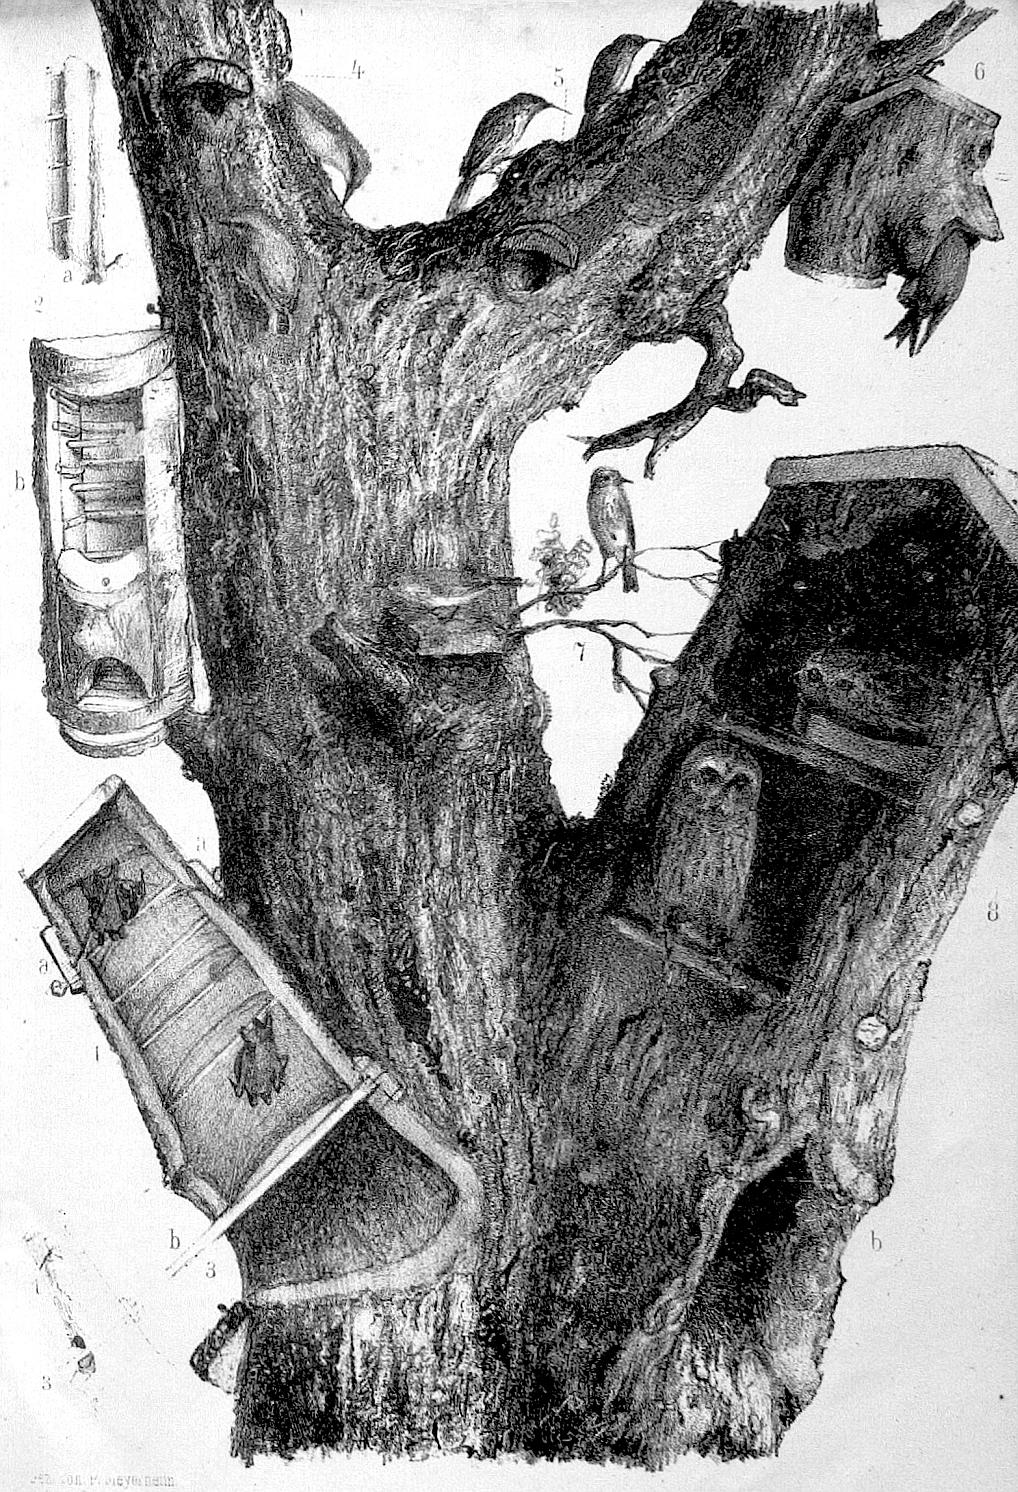 Eichen-Habitatbaum im 19. Jahrhundert, ausgestattet mit verschiedenen Schlaf- und Brutkästen für Vögel und Fledermäuse. Lithographie von Paul Meyerheim aus dem Jahre 1865.